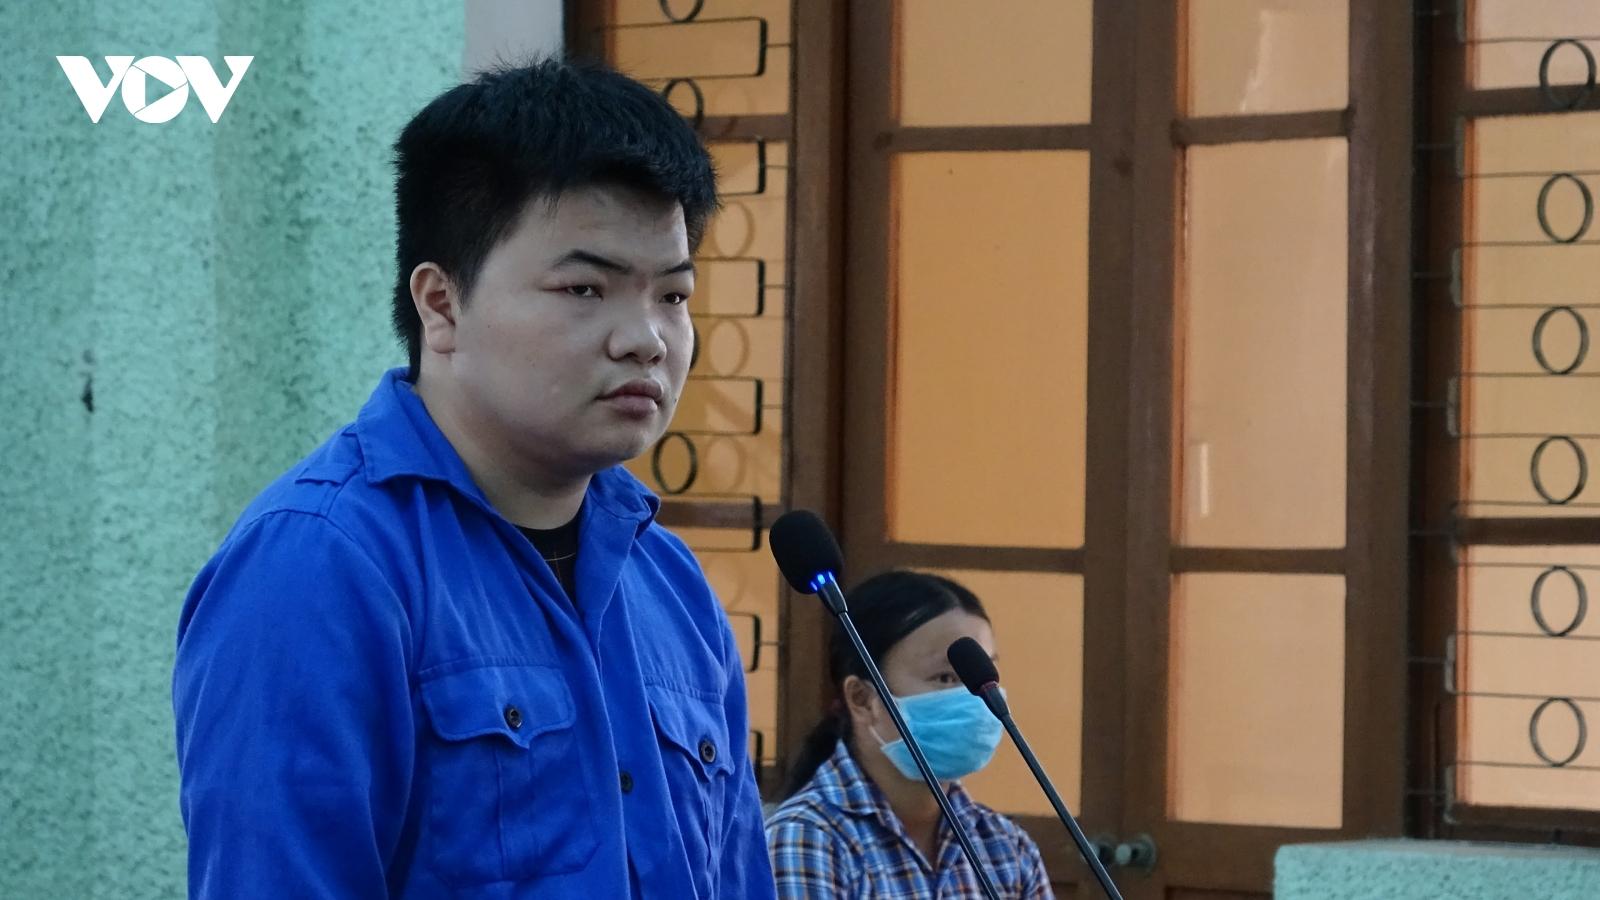 Tổ chức cho gần 100 người xuất nhập cảnh trái phép, nam thanh niên lĩnh án 17 năm tù giam